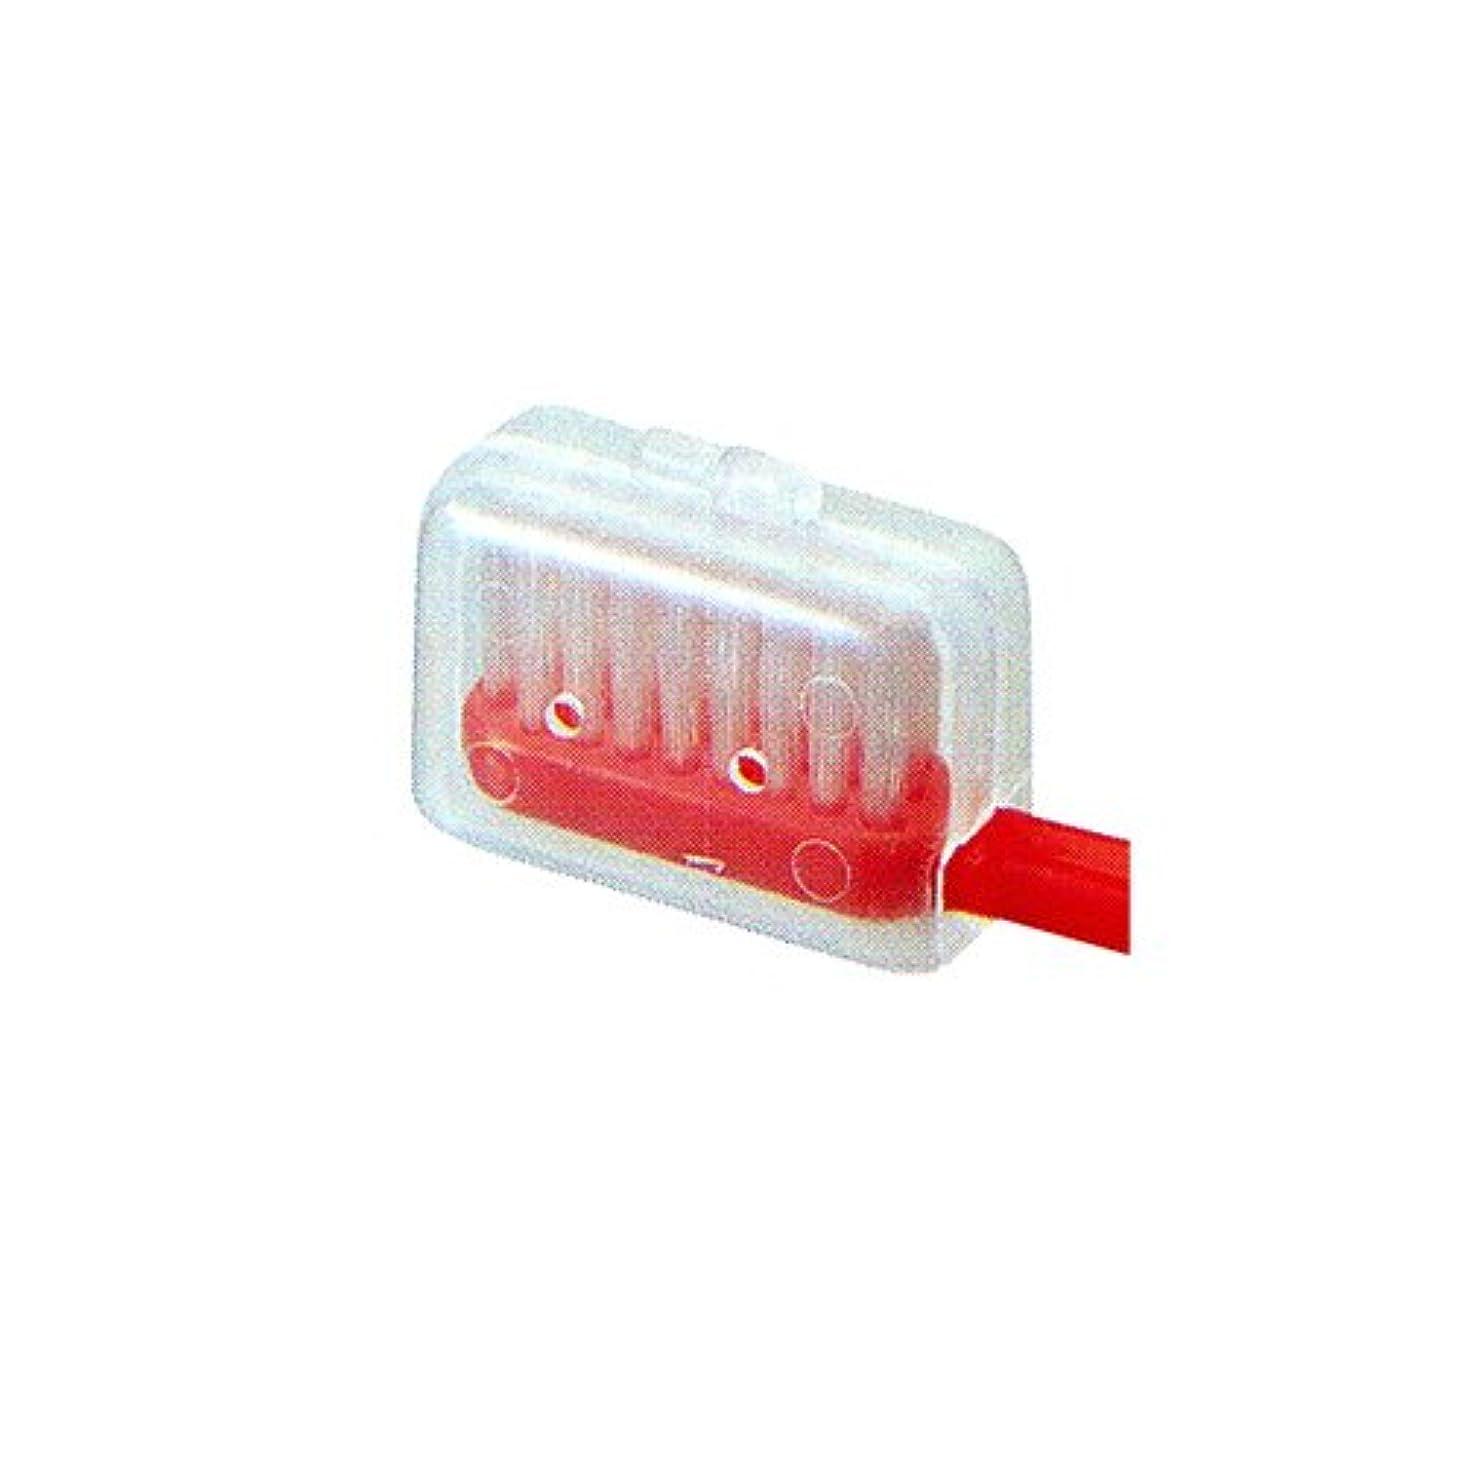 風邪をひくキャプテンブライ現代のビーブランド 歯ブラシキャップ1個 (M)